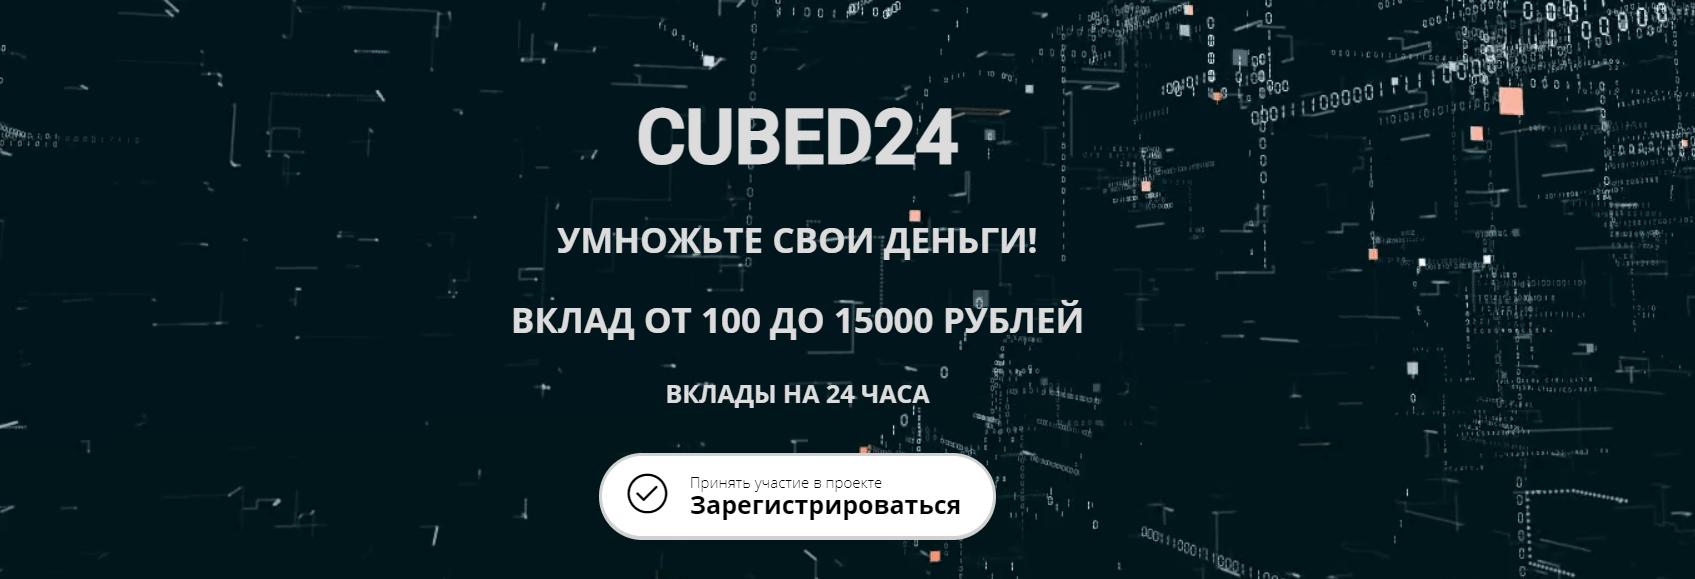 CUBED24 - вся правда о конторе, Фото № 1 - 1-consult.net